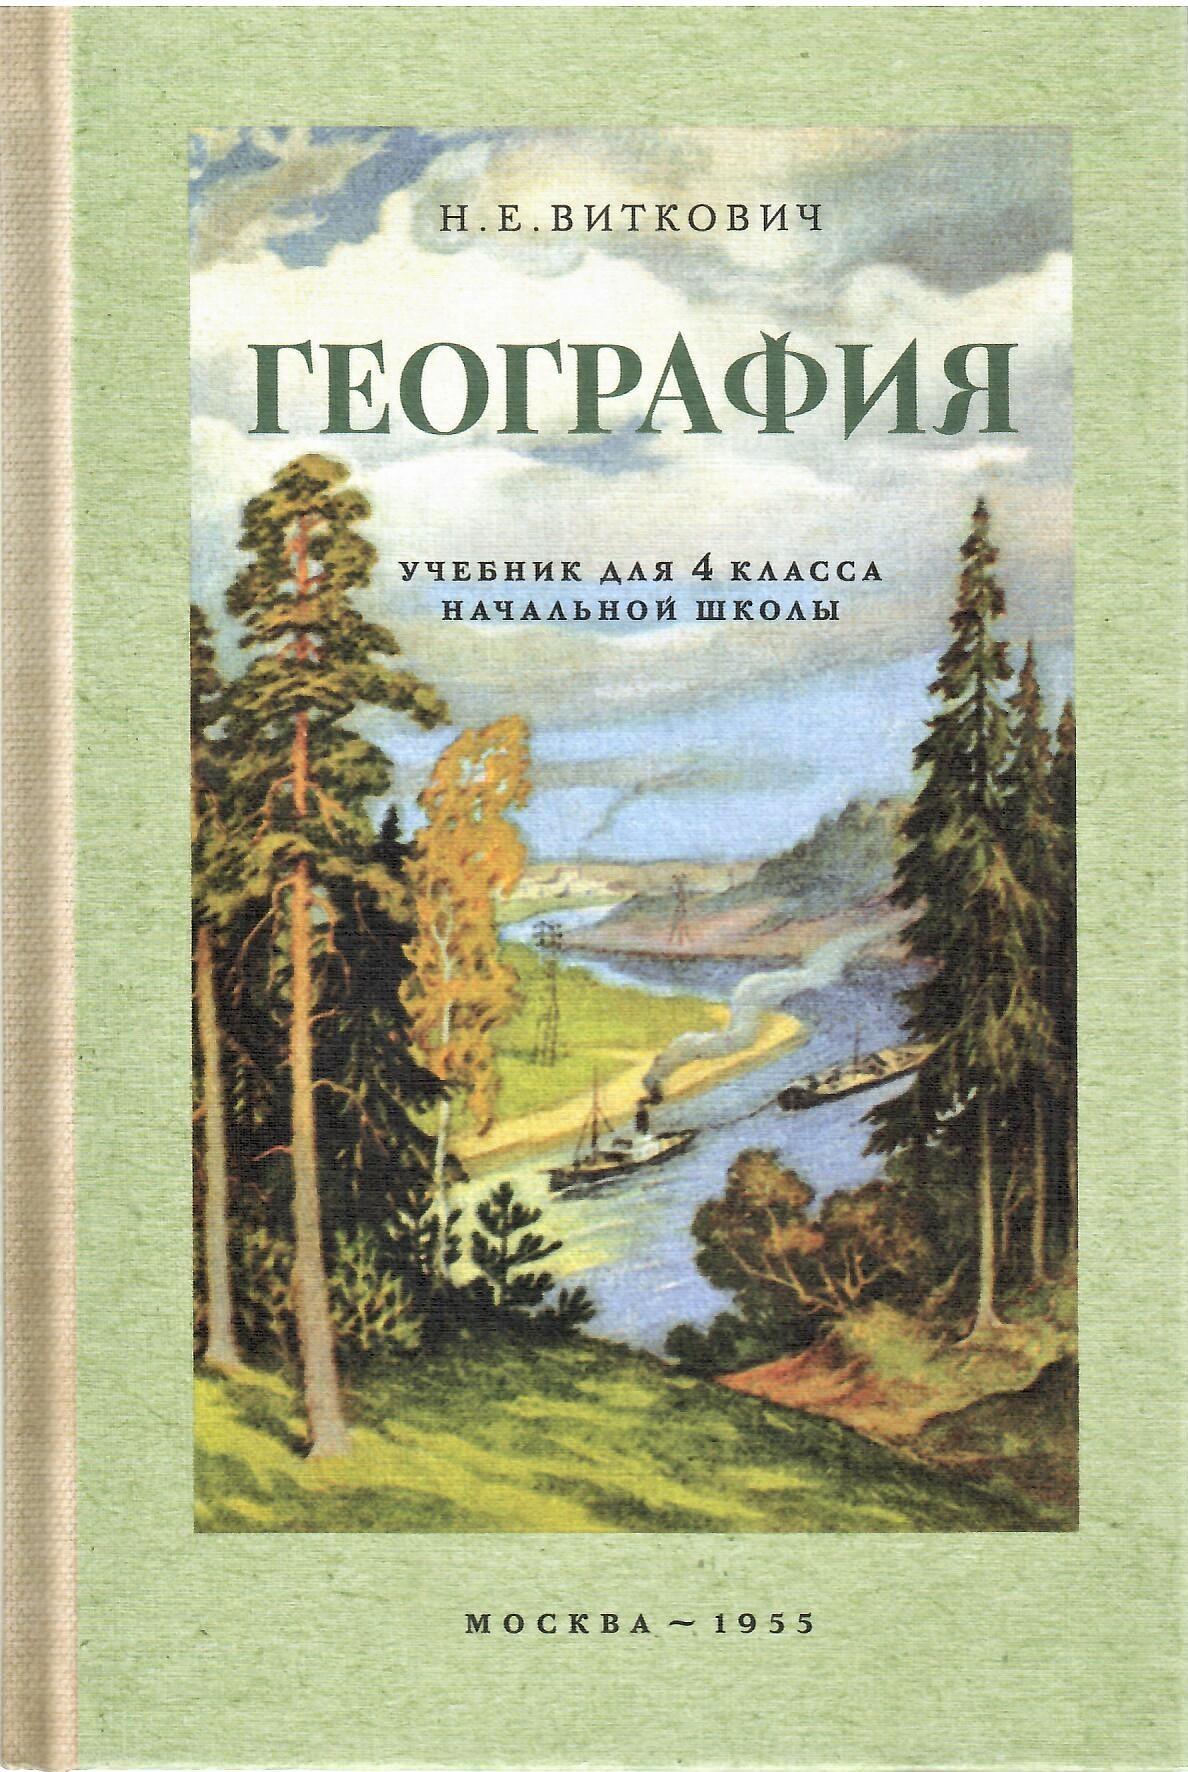 ГЕОГРАФИЯ <br> 4 КЛАСС, цвет <br> (кроме Украины)